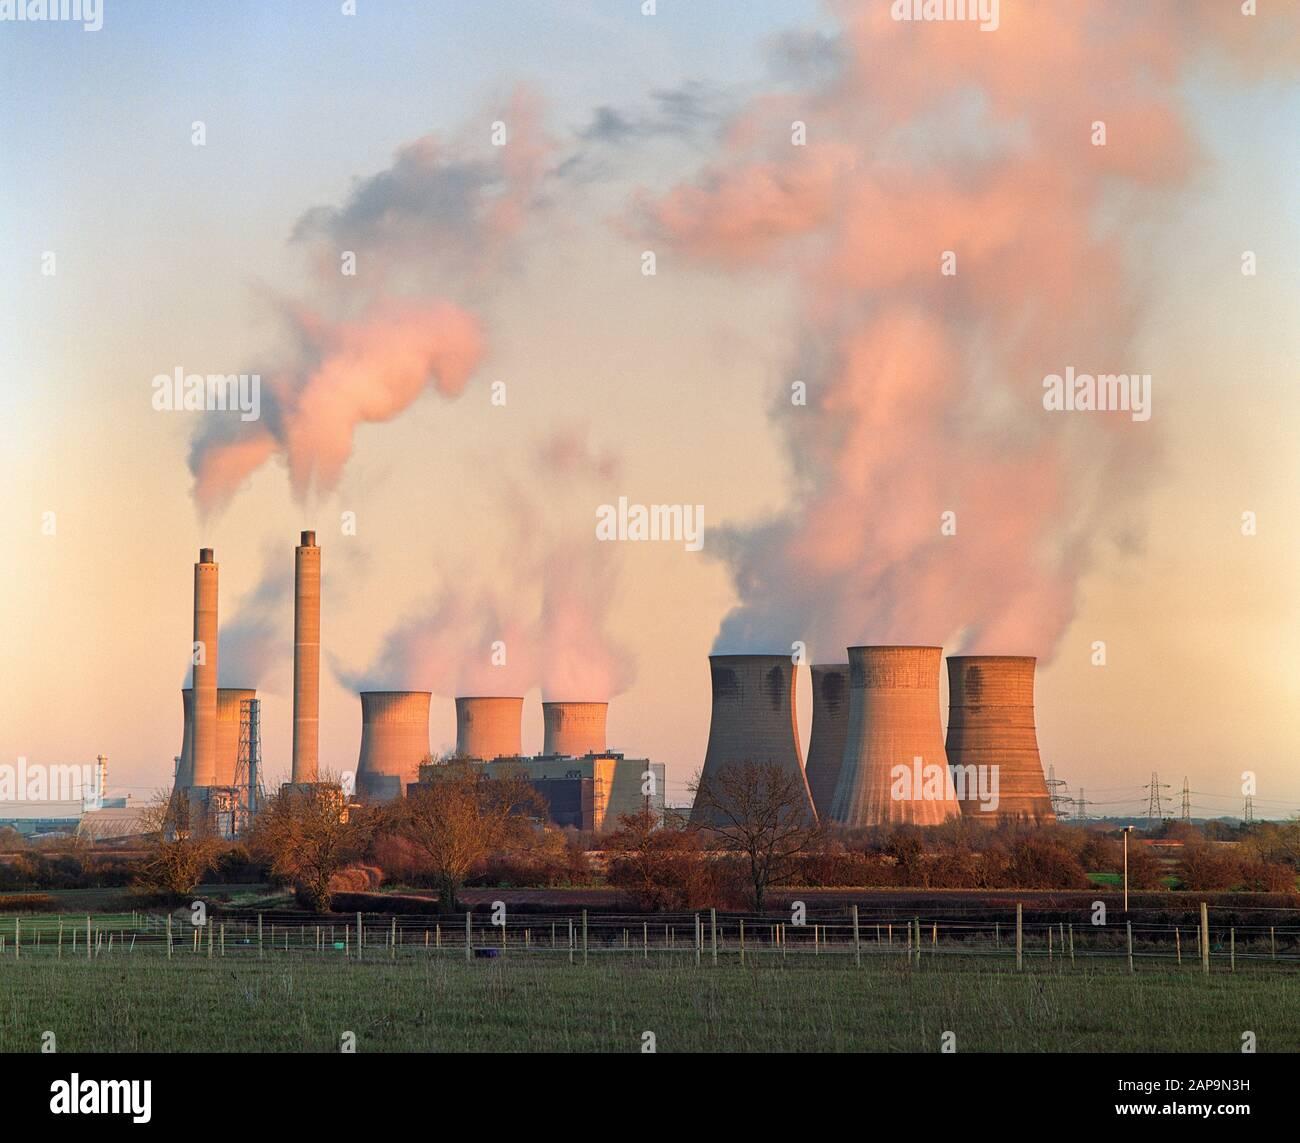 Estación de Potencia De Carbón West Burton Bronica ETRSi Formato Medio Zenzanon 150mm f/3.5 Kodak Portra 160 8s @ f/8 con filtro ND de 6 paradas Foto de stock